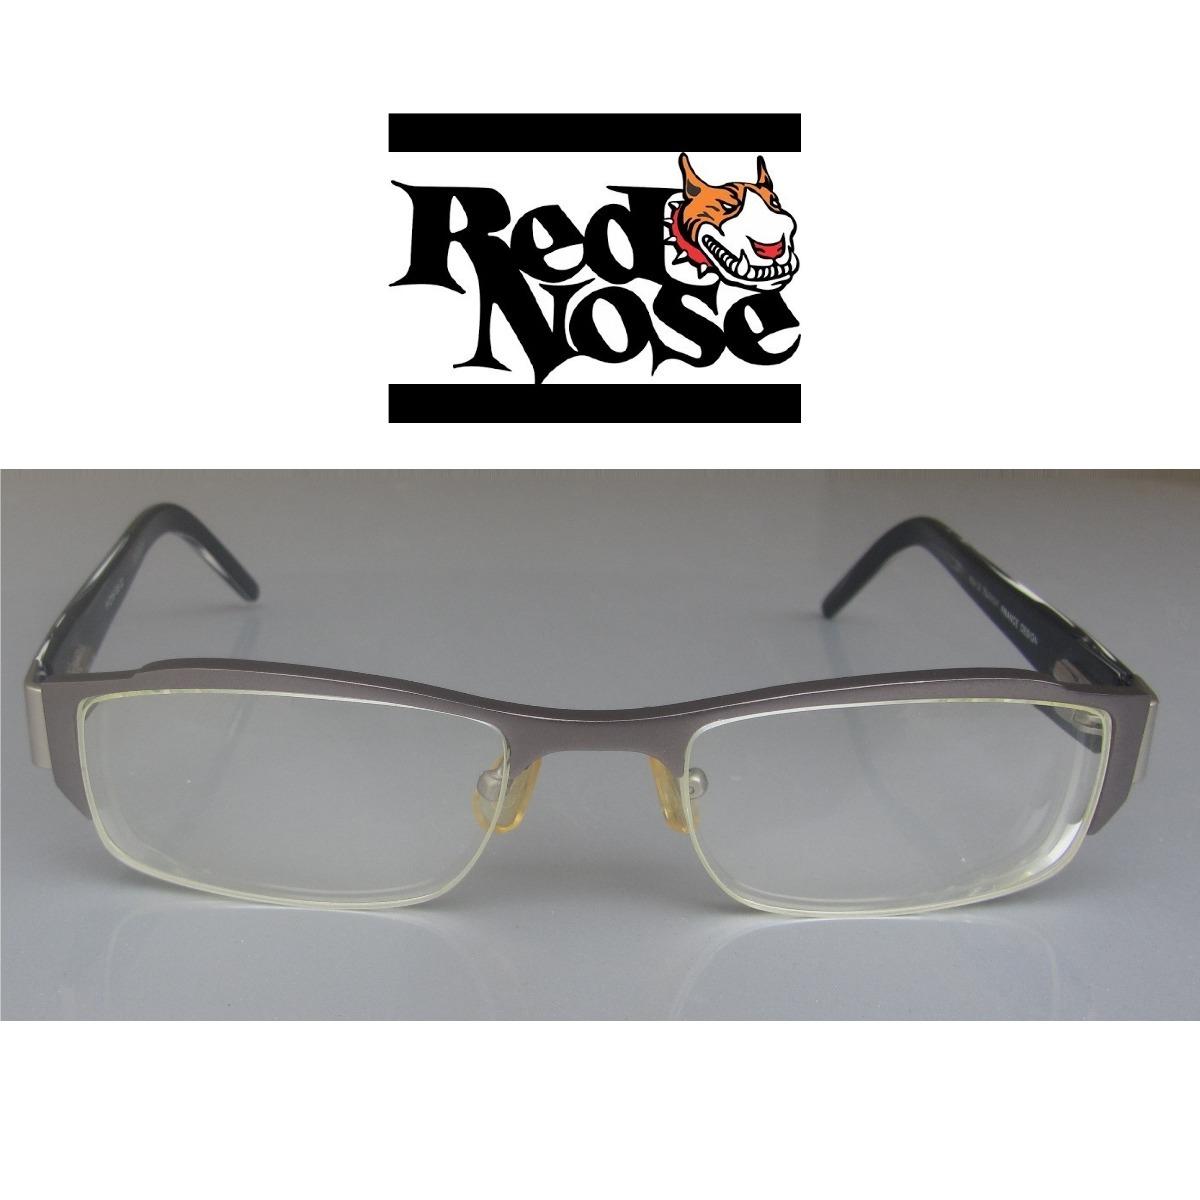 armação óculos de grau red nose preto e grafite masculino. Carregando zoom. 9180920f33